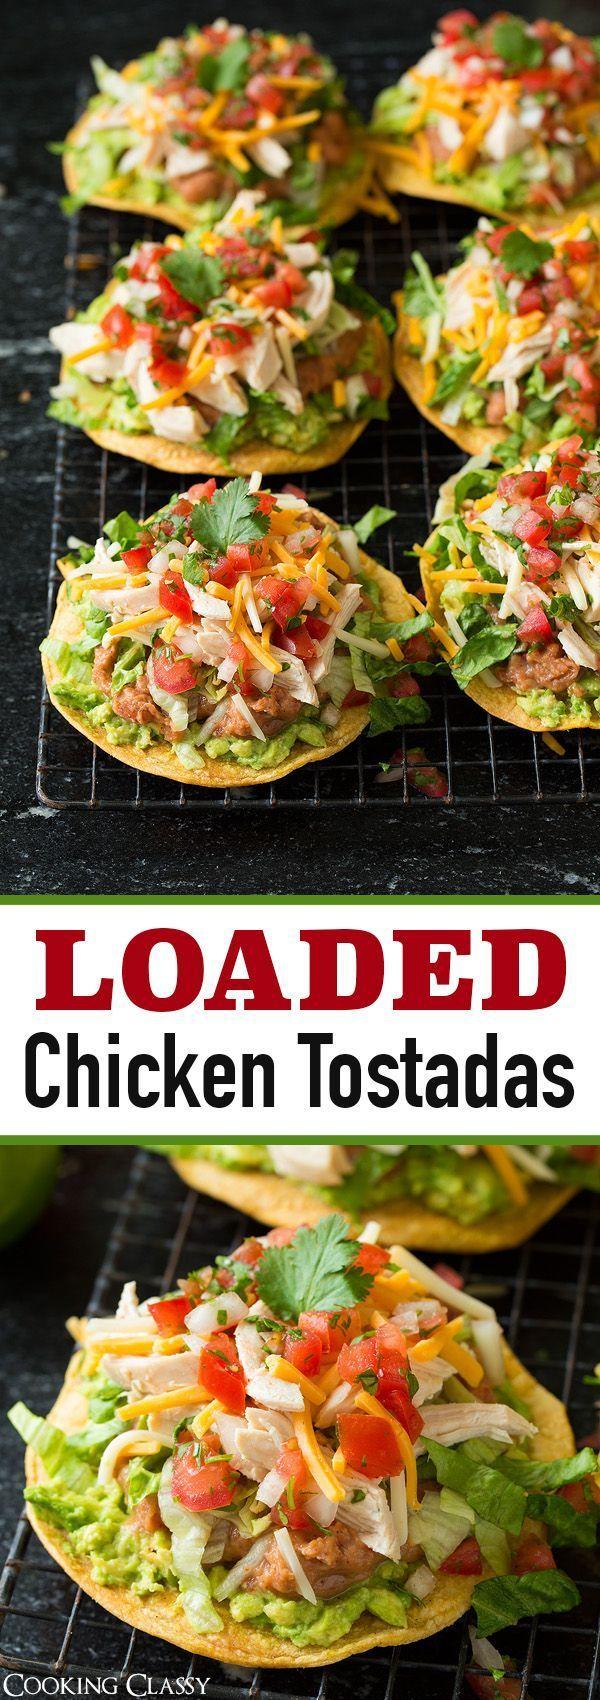 Chicken Guacamole and Bean Tostadas #chicken #guacamole #tostadas #healthyrecipes